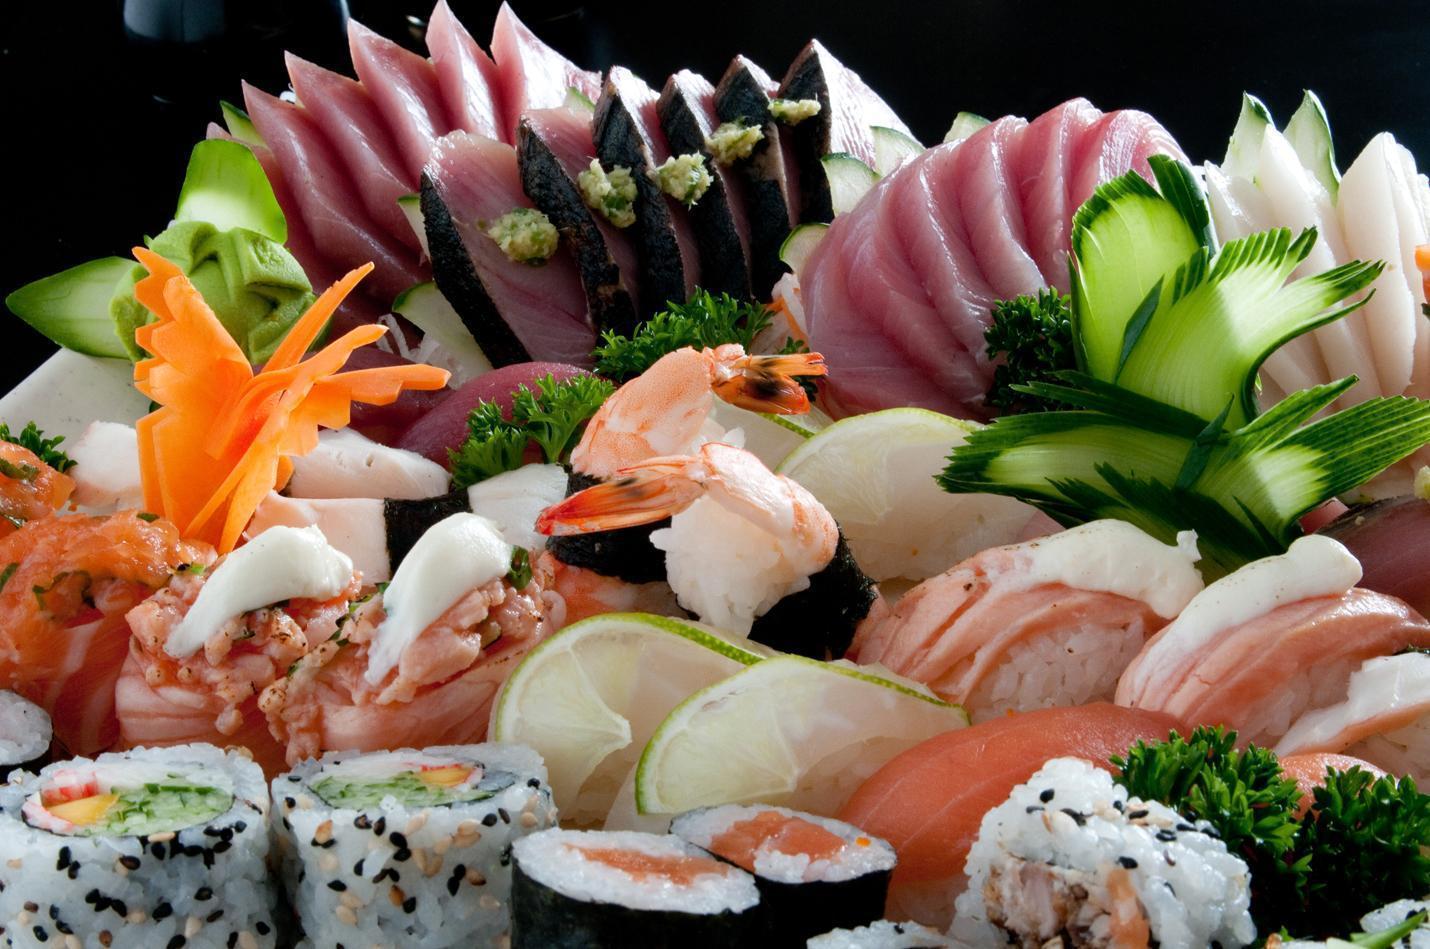 Dieta Okinawa Para Viver Mais de 100 Anos